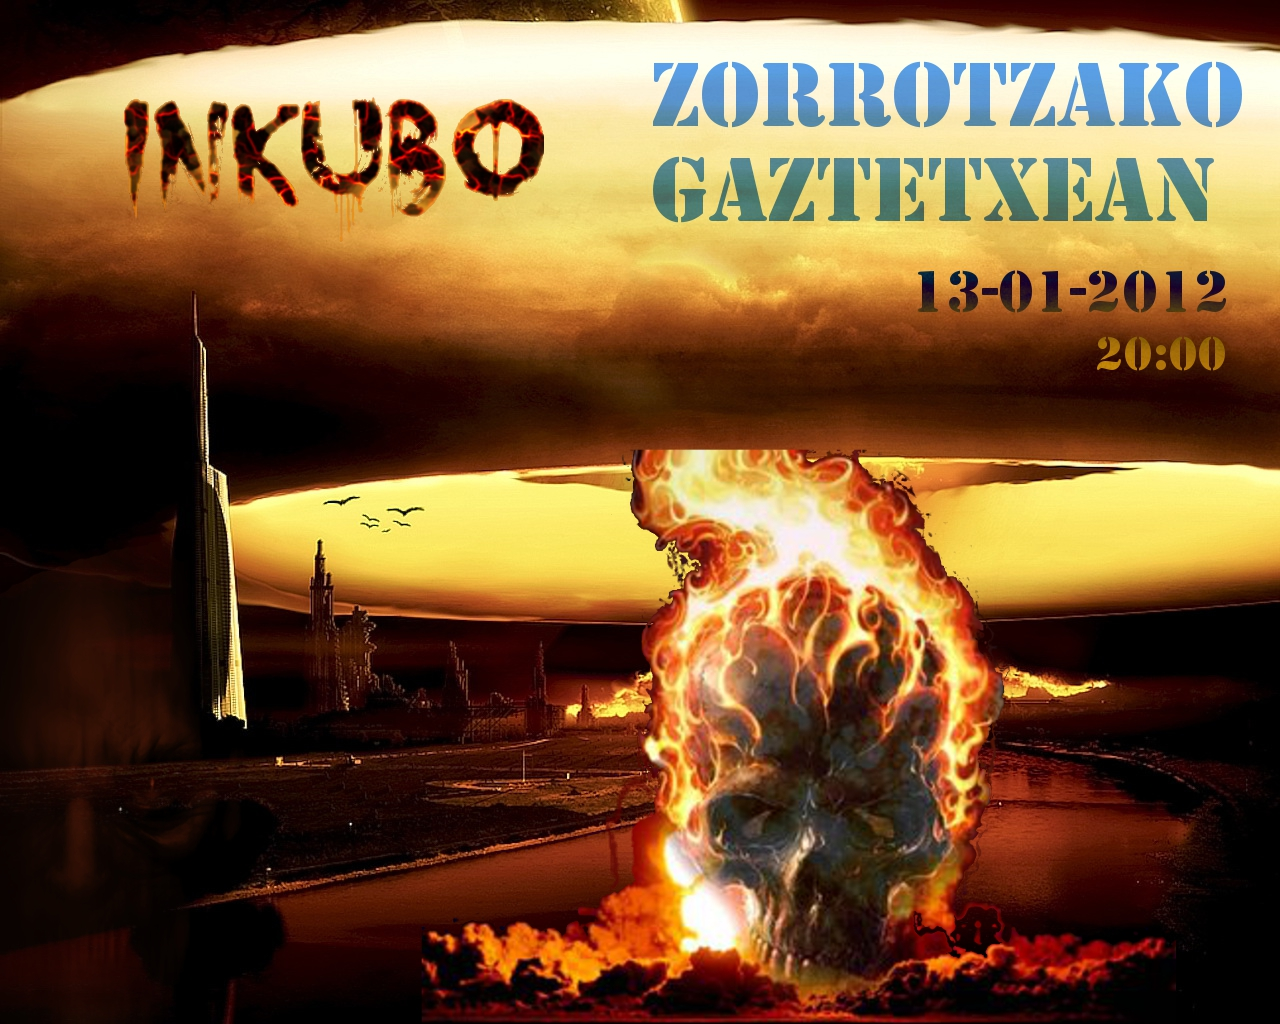 iNKuBo_Zorrotzako_Gaztetxean.jpg